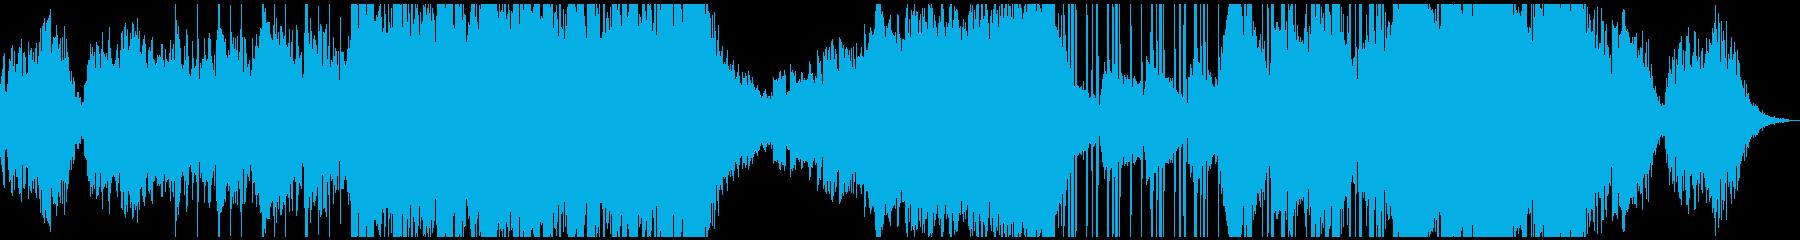 ポップエレクトロ研究所高揚-ポジテ...の再生済みの波形